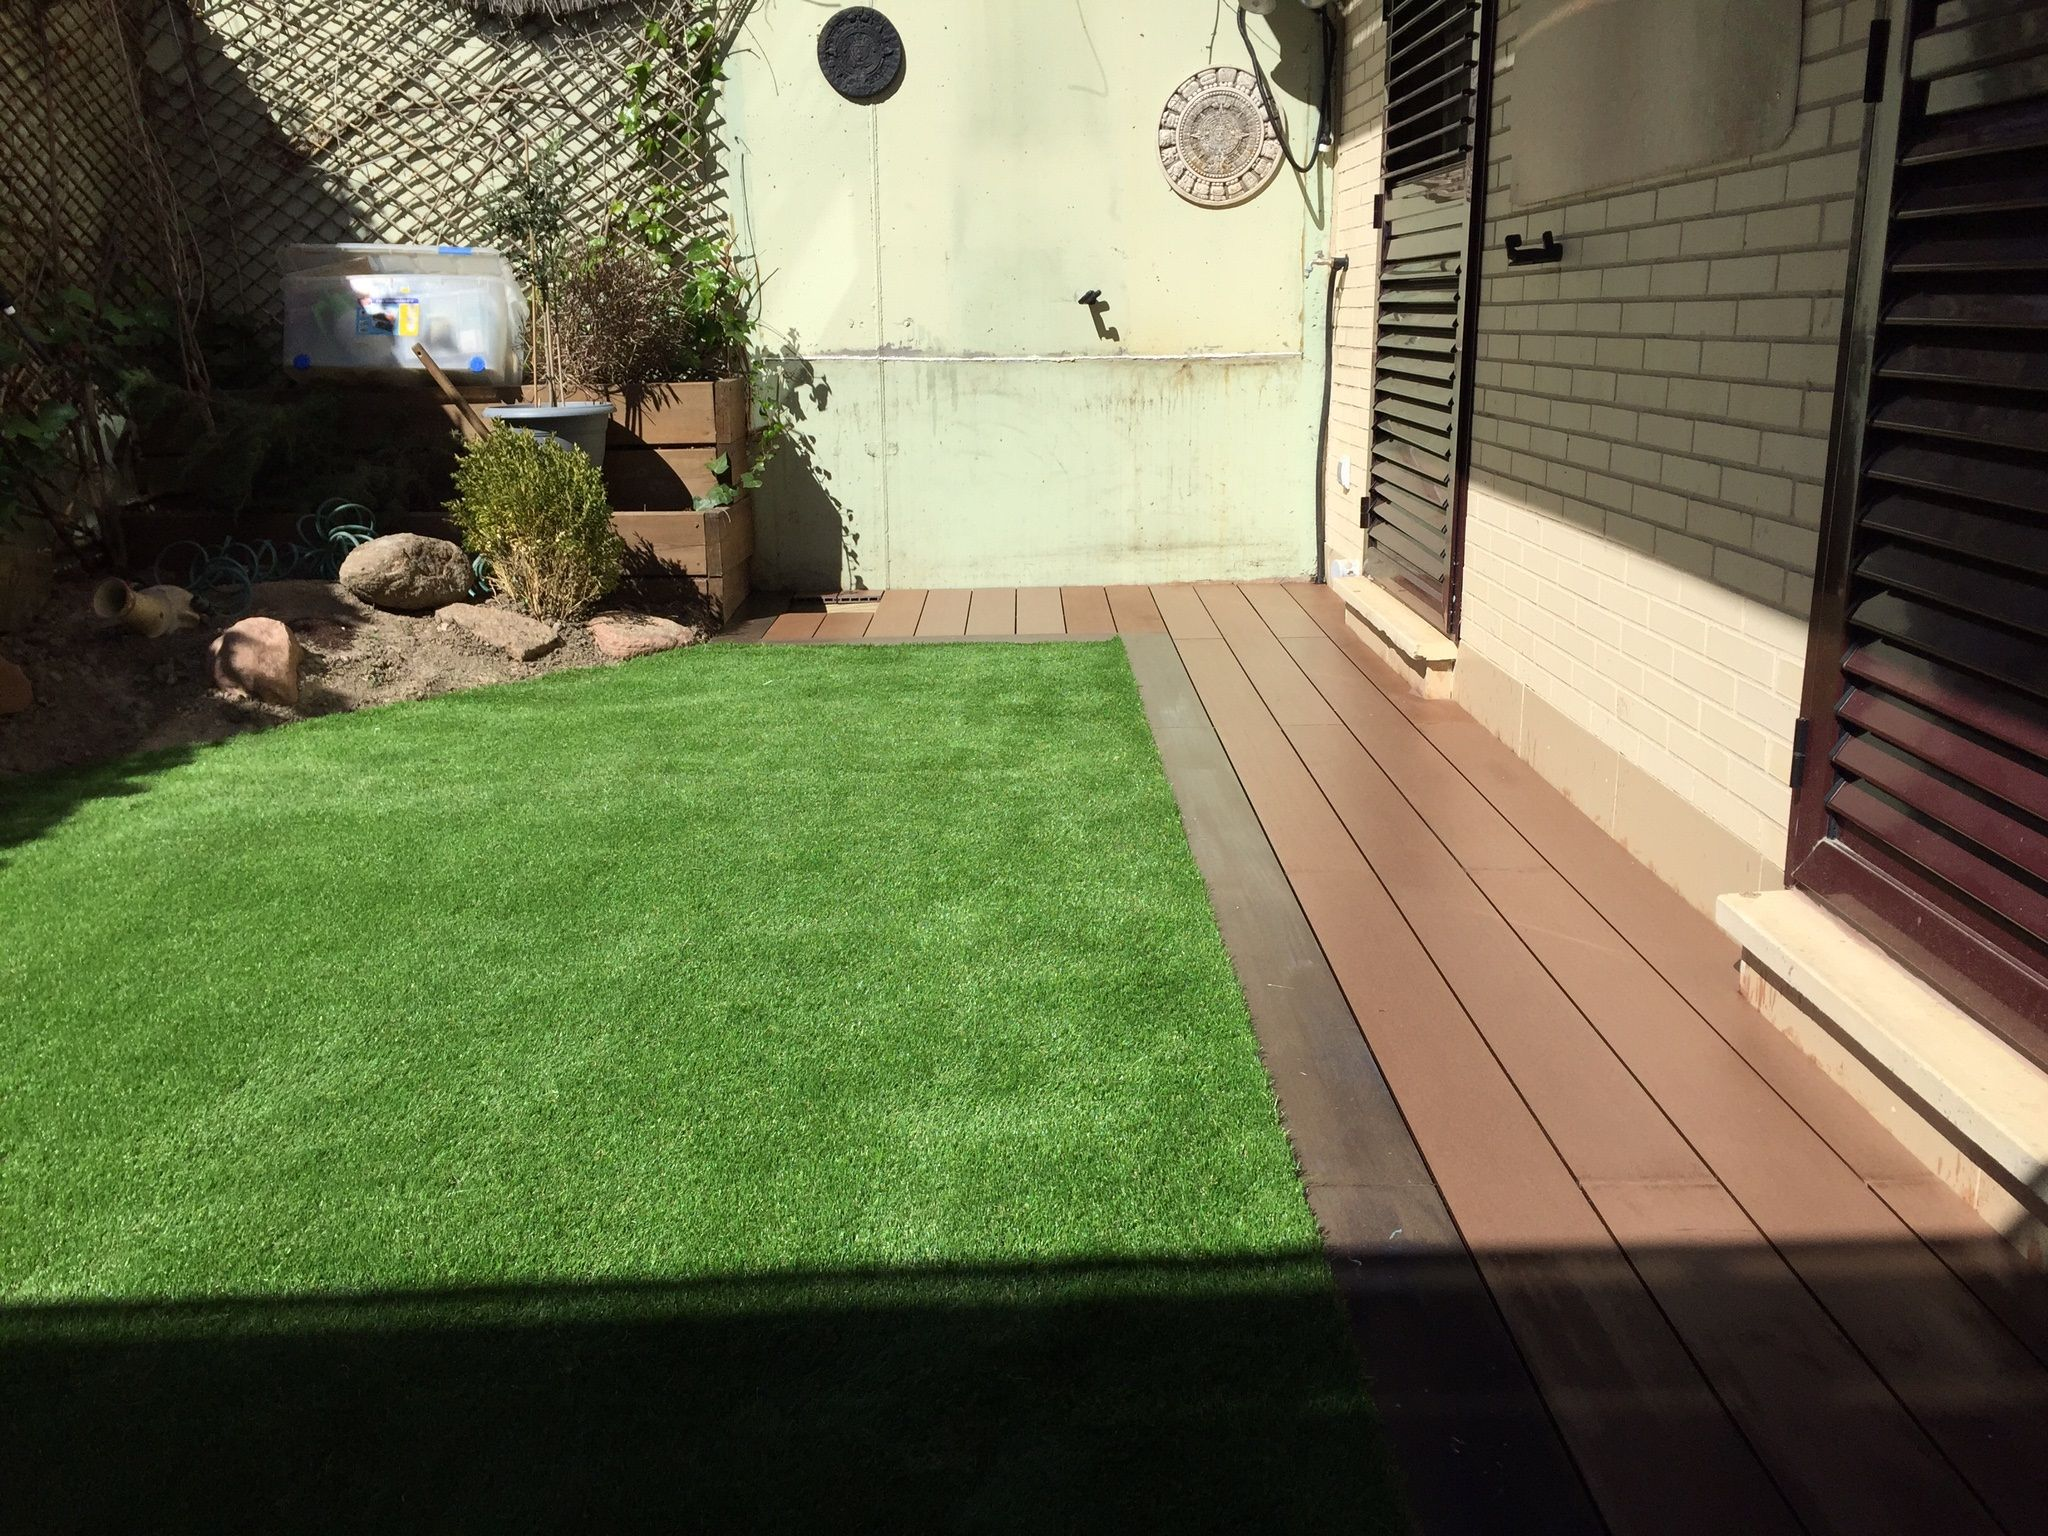 Hierba artificial para terrazas y jardines modelo paraiso - Cesped artificial tarkett ...